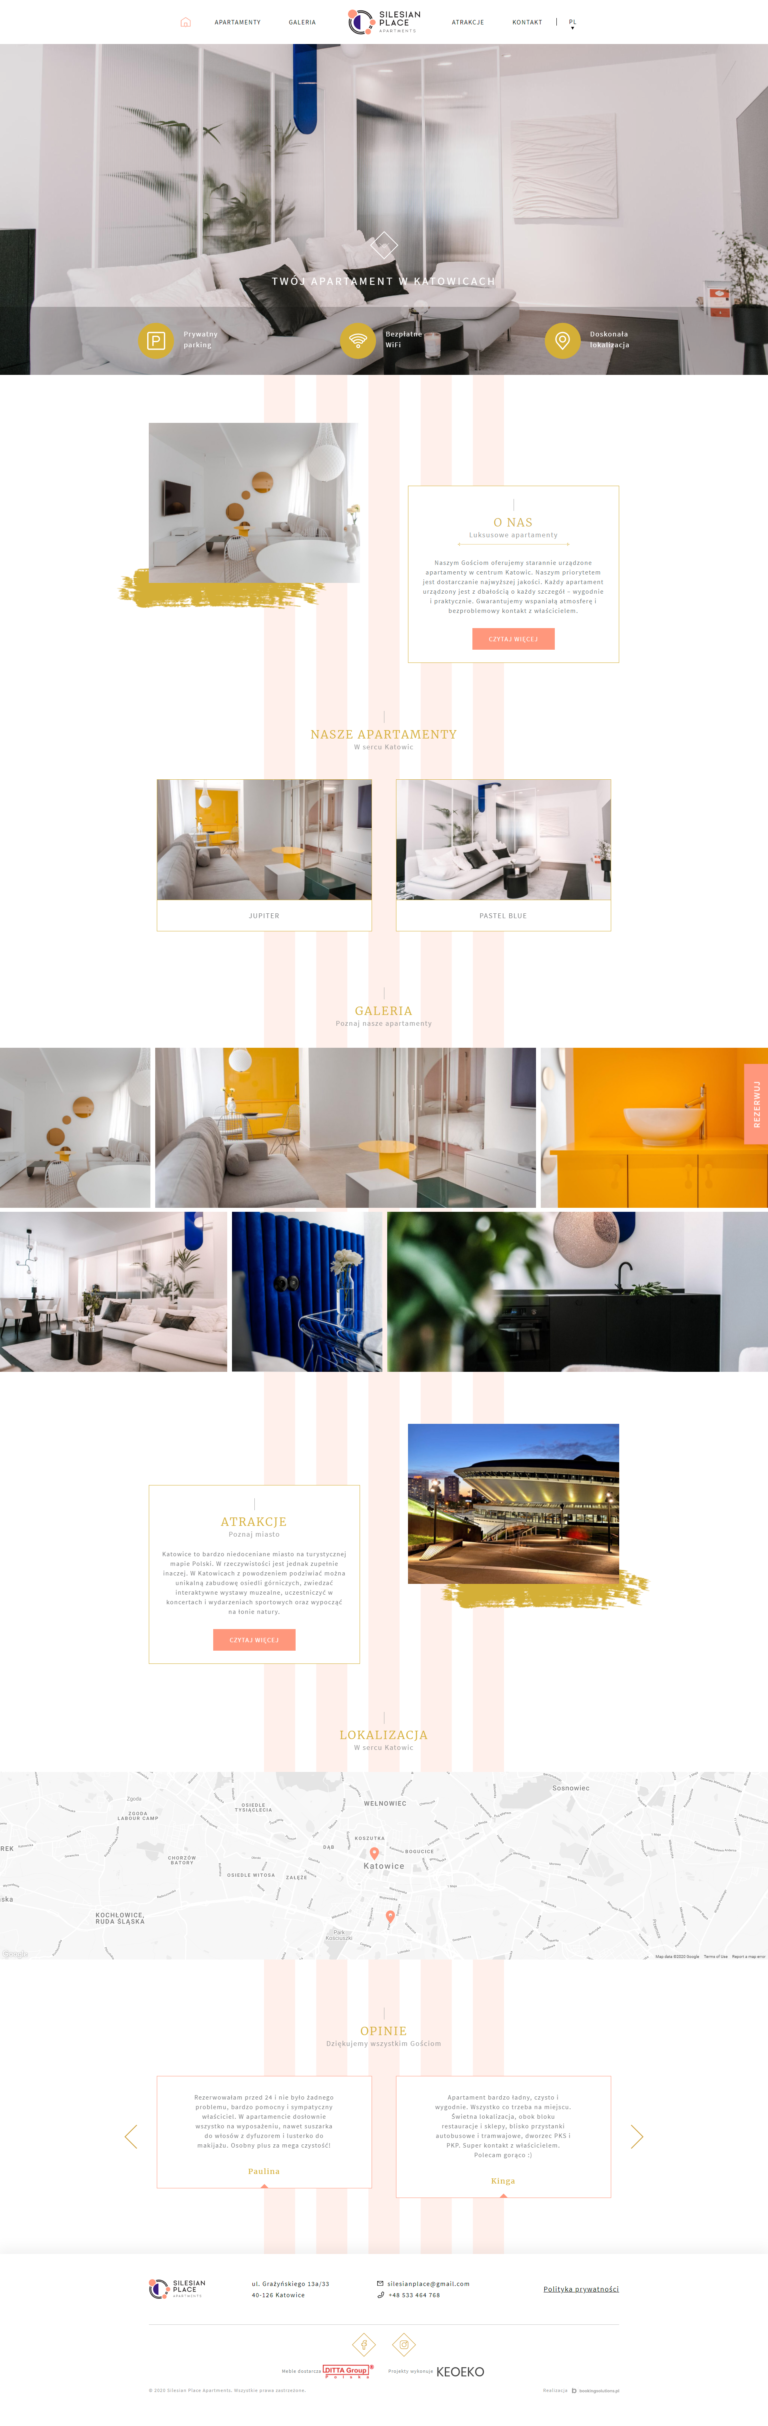 Strony internetowe dla hoteli - 7 punktów, dzięki którym zbudujesz idealną stronę dla swojego obiektu. 2